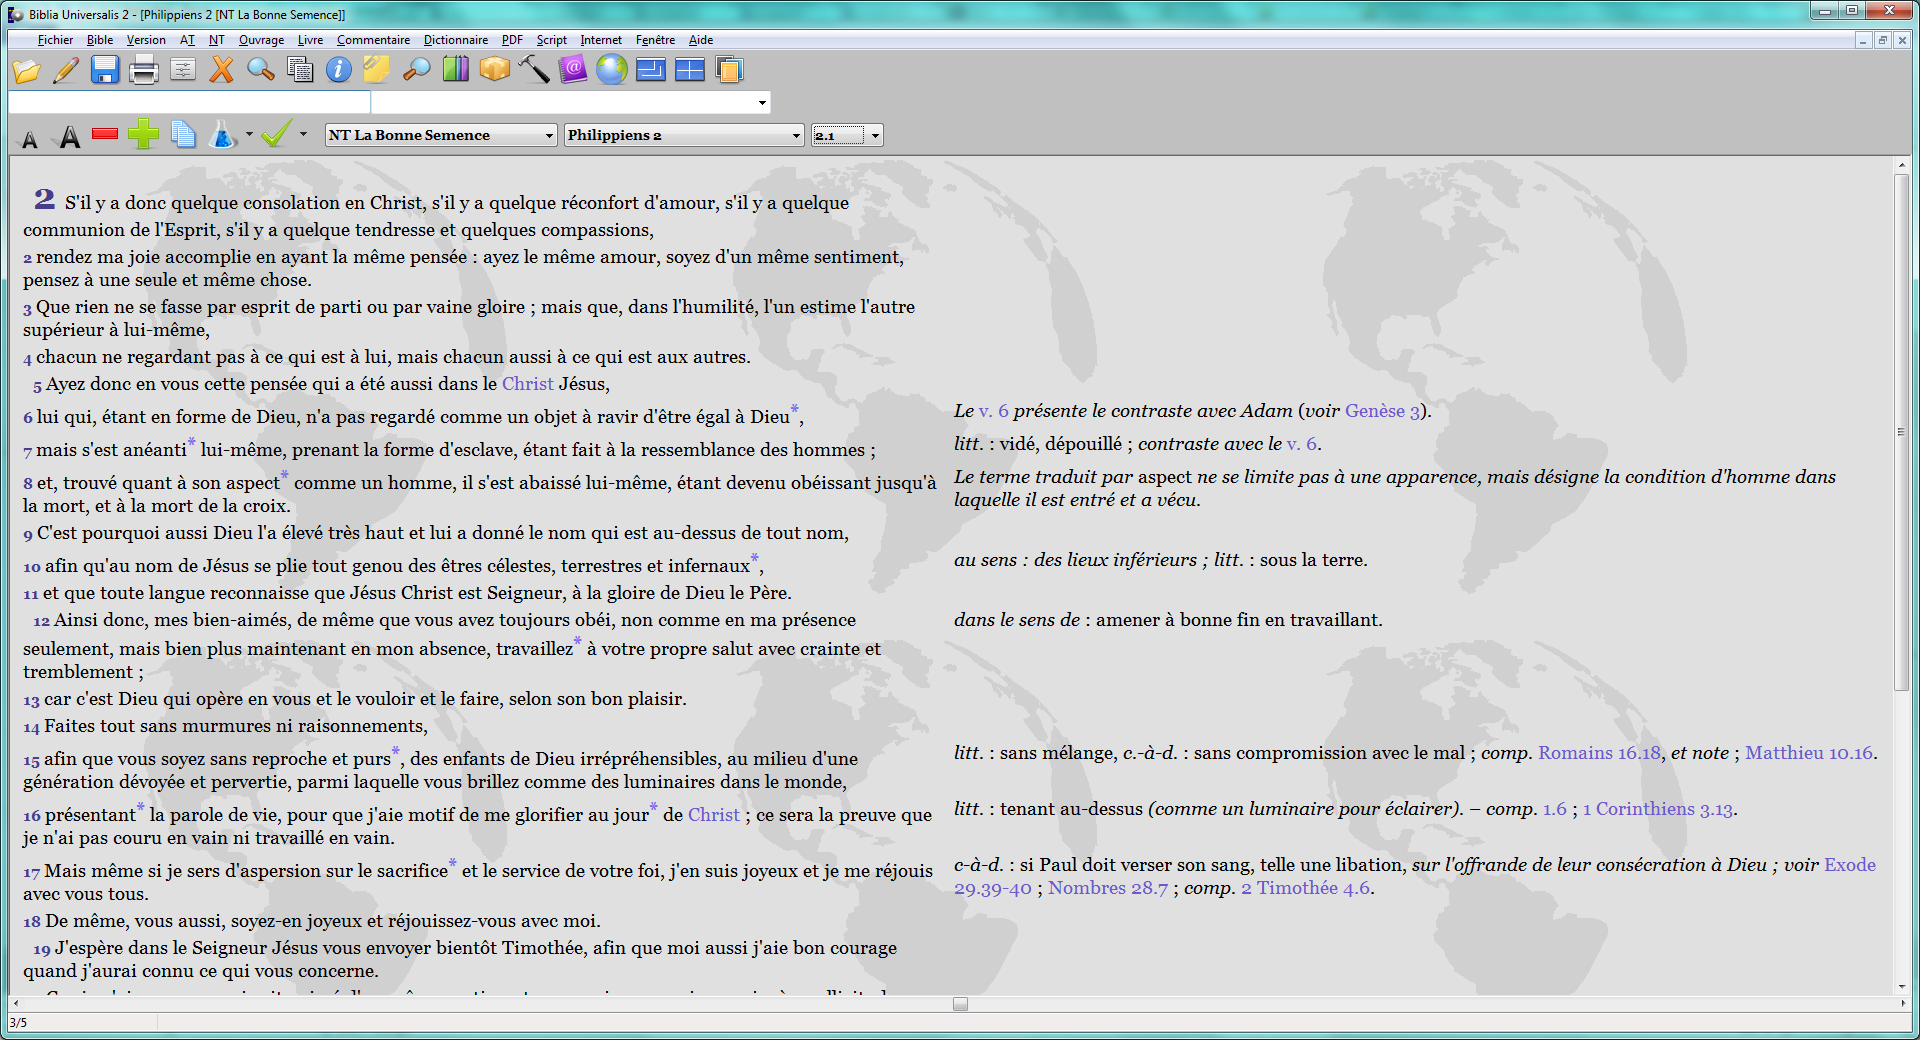 logiciel concordance biblique